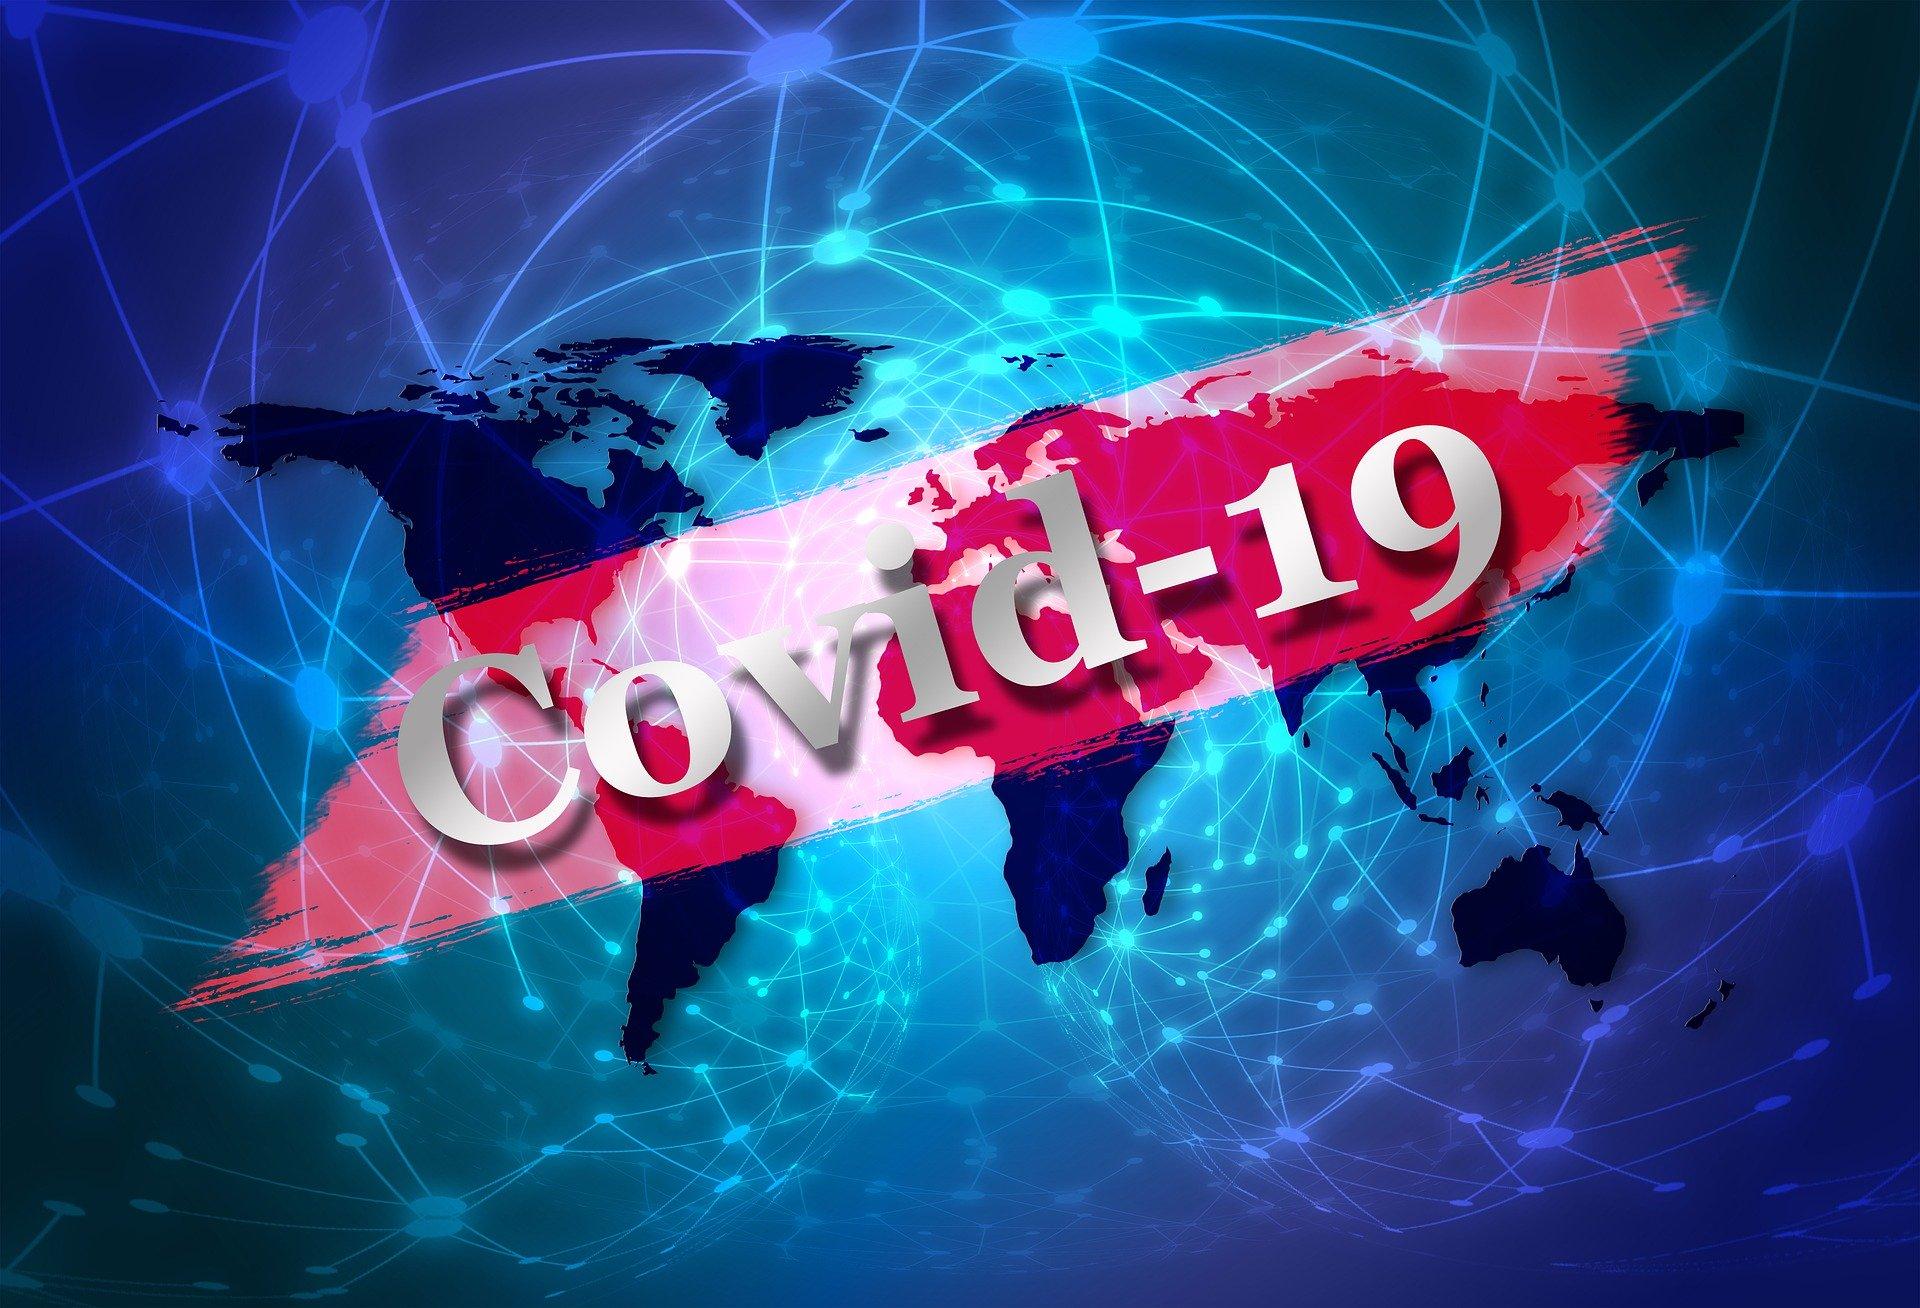 למגיפת ה- Covid-19 תהיה השפעה מהותית על תעשיית השבבים מתוך Pixabay